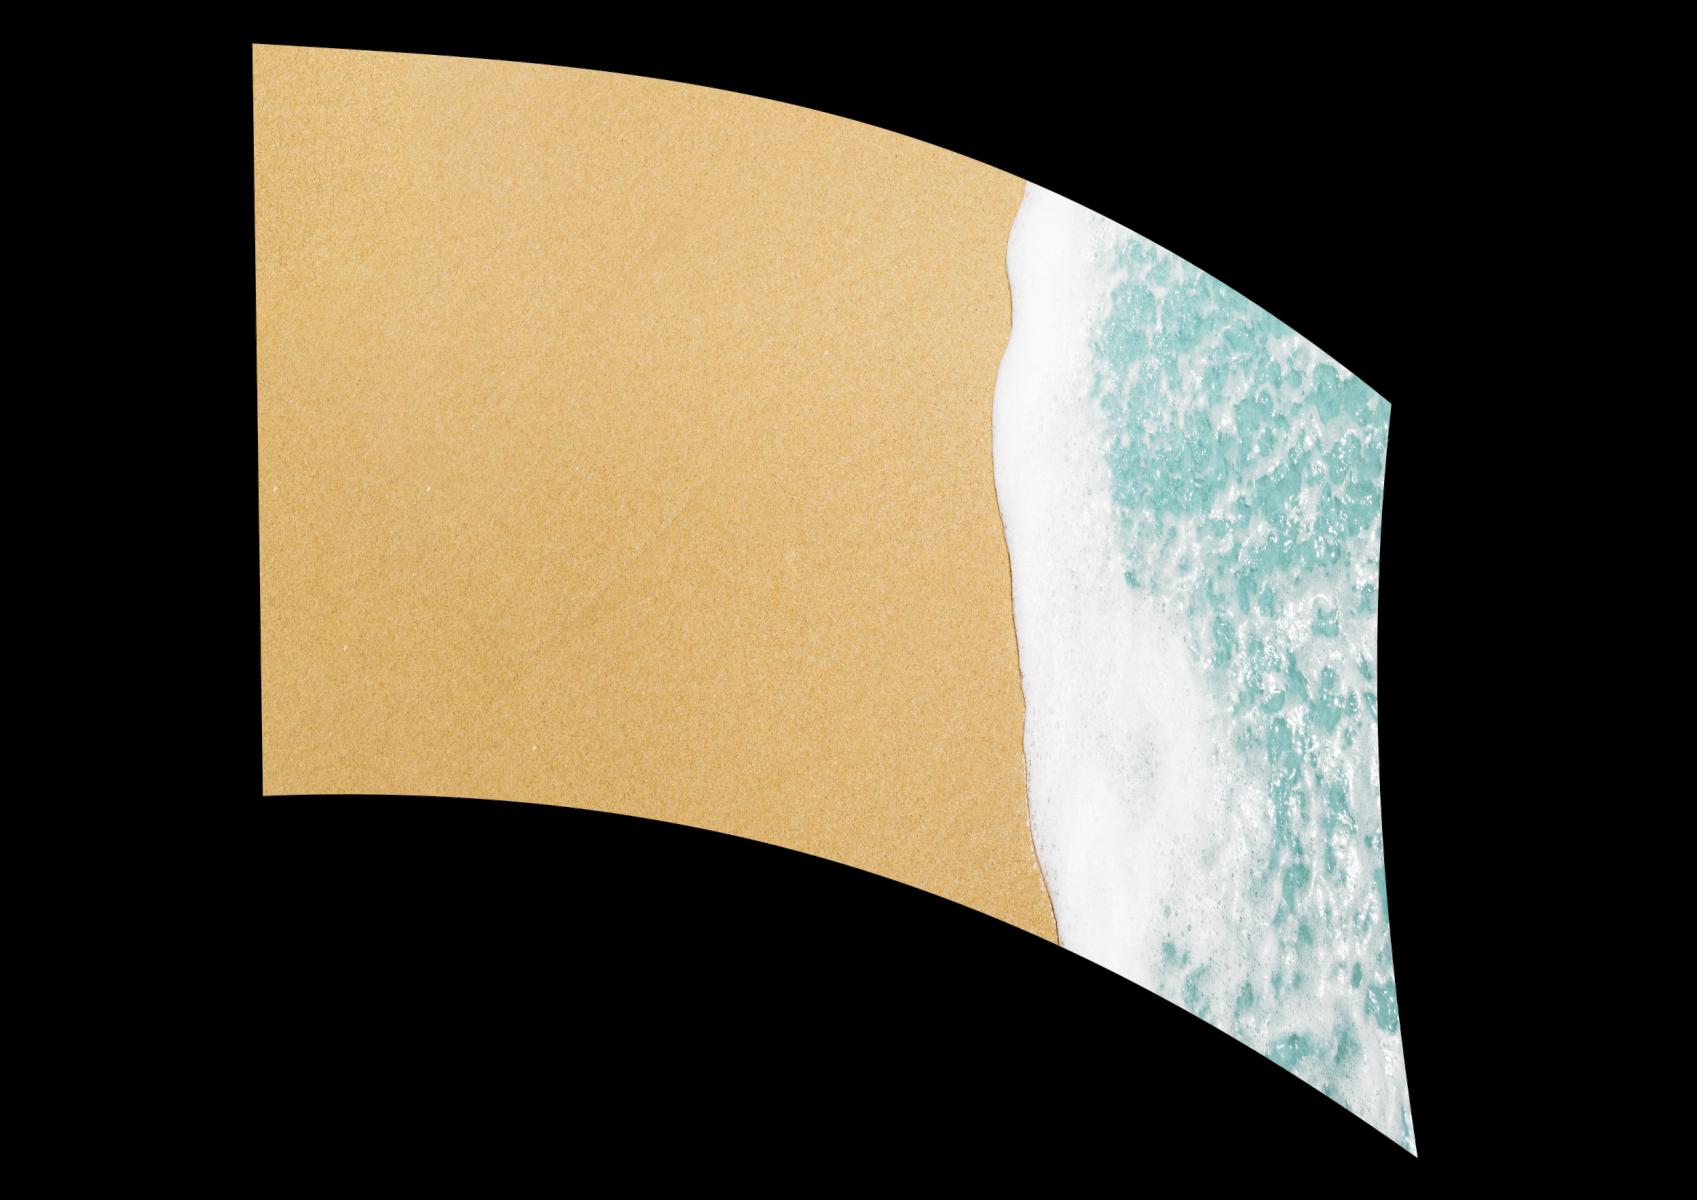 040306s - 36x54 Standard Ocean Shore